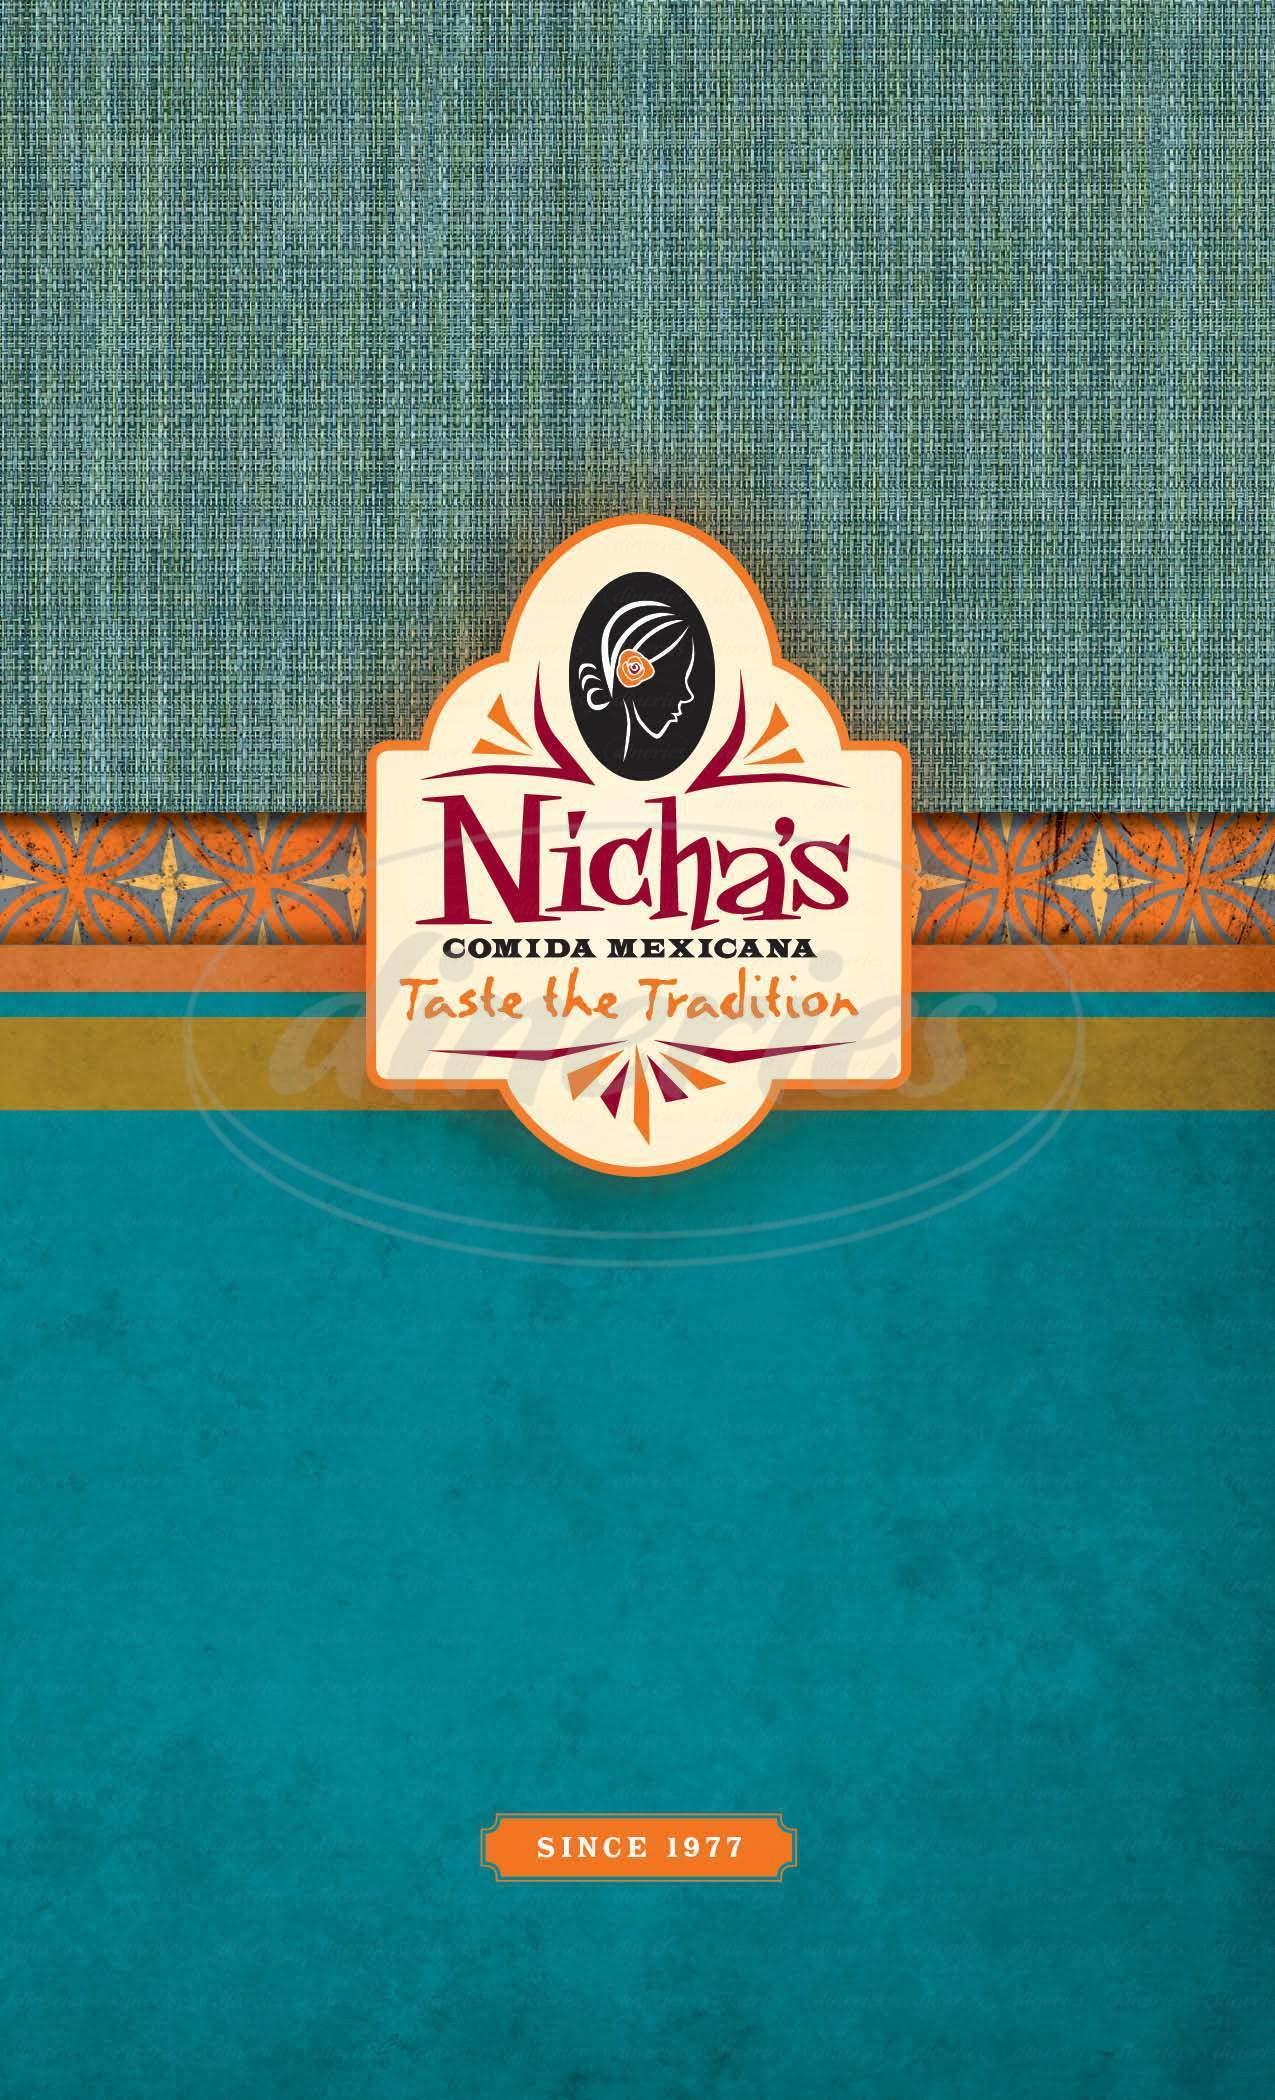 menu for Nicha's Comida Mexicana